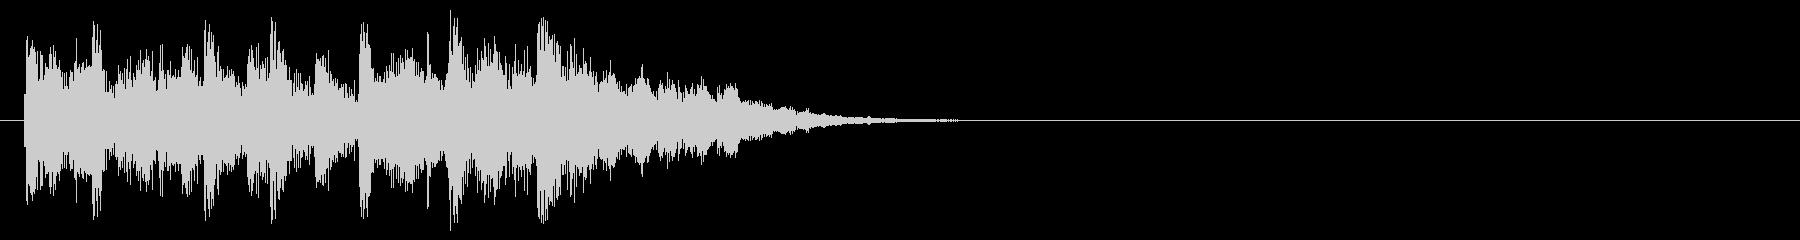 ジングル/アタック(爽やかなポップ)の未再生の波形